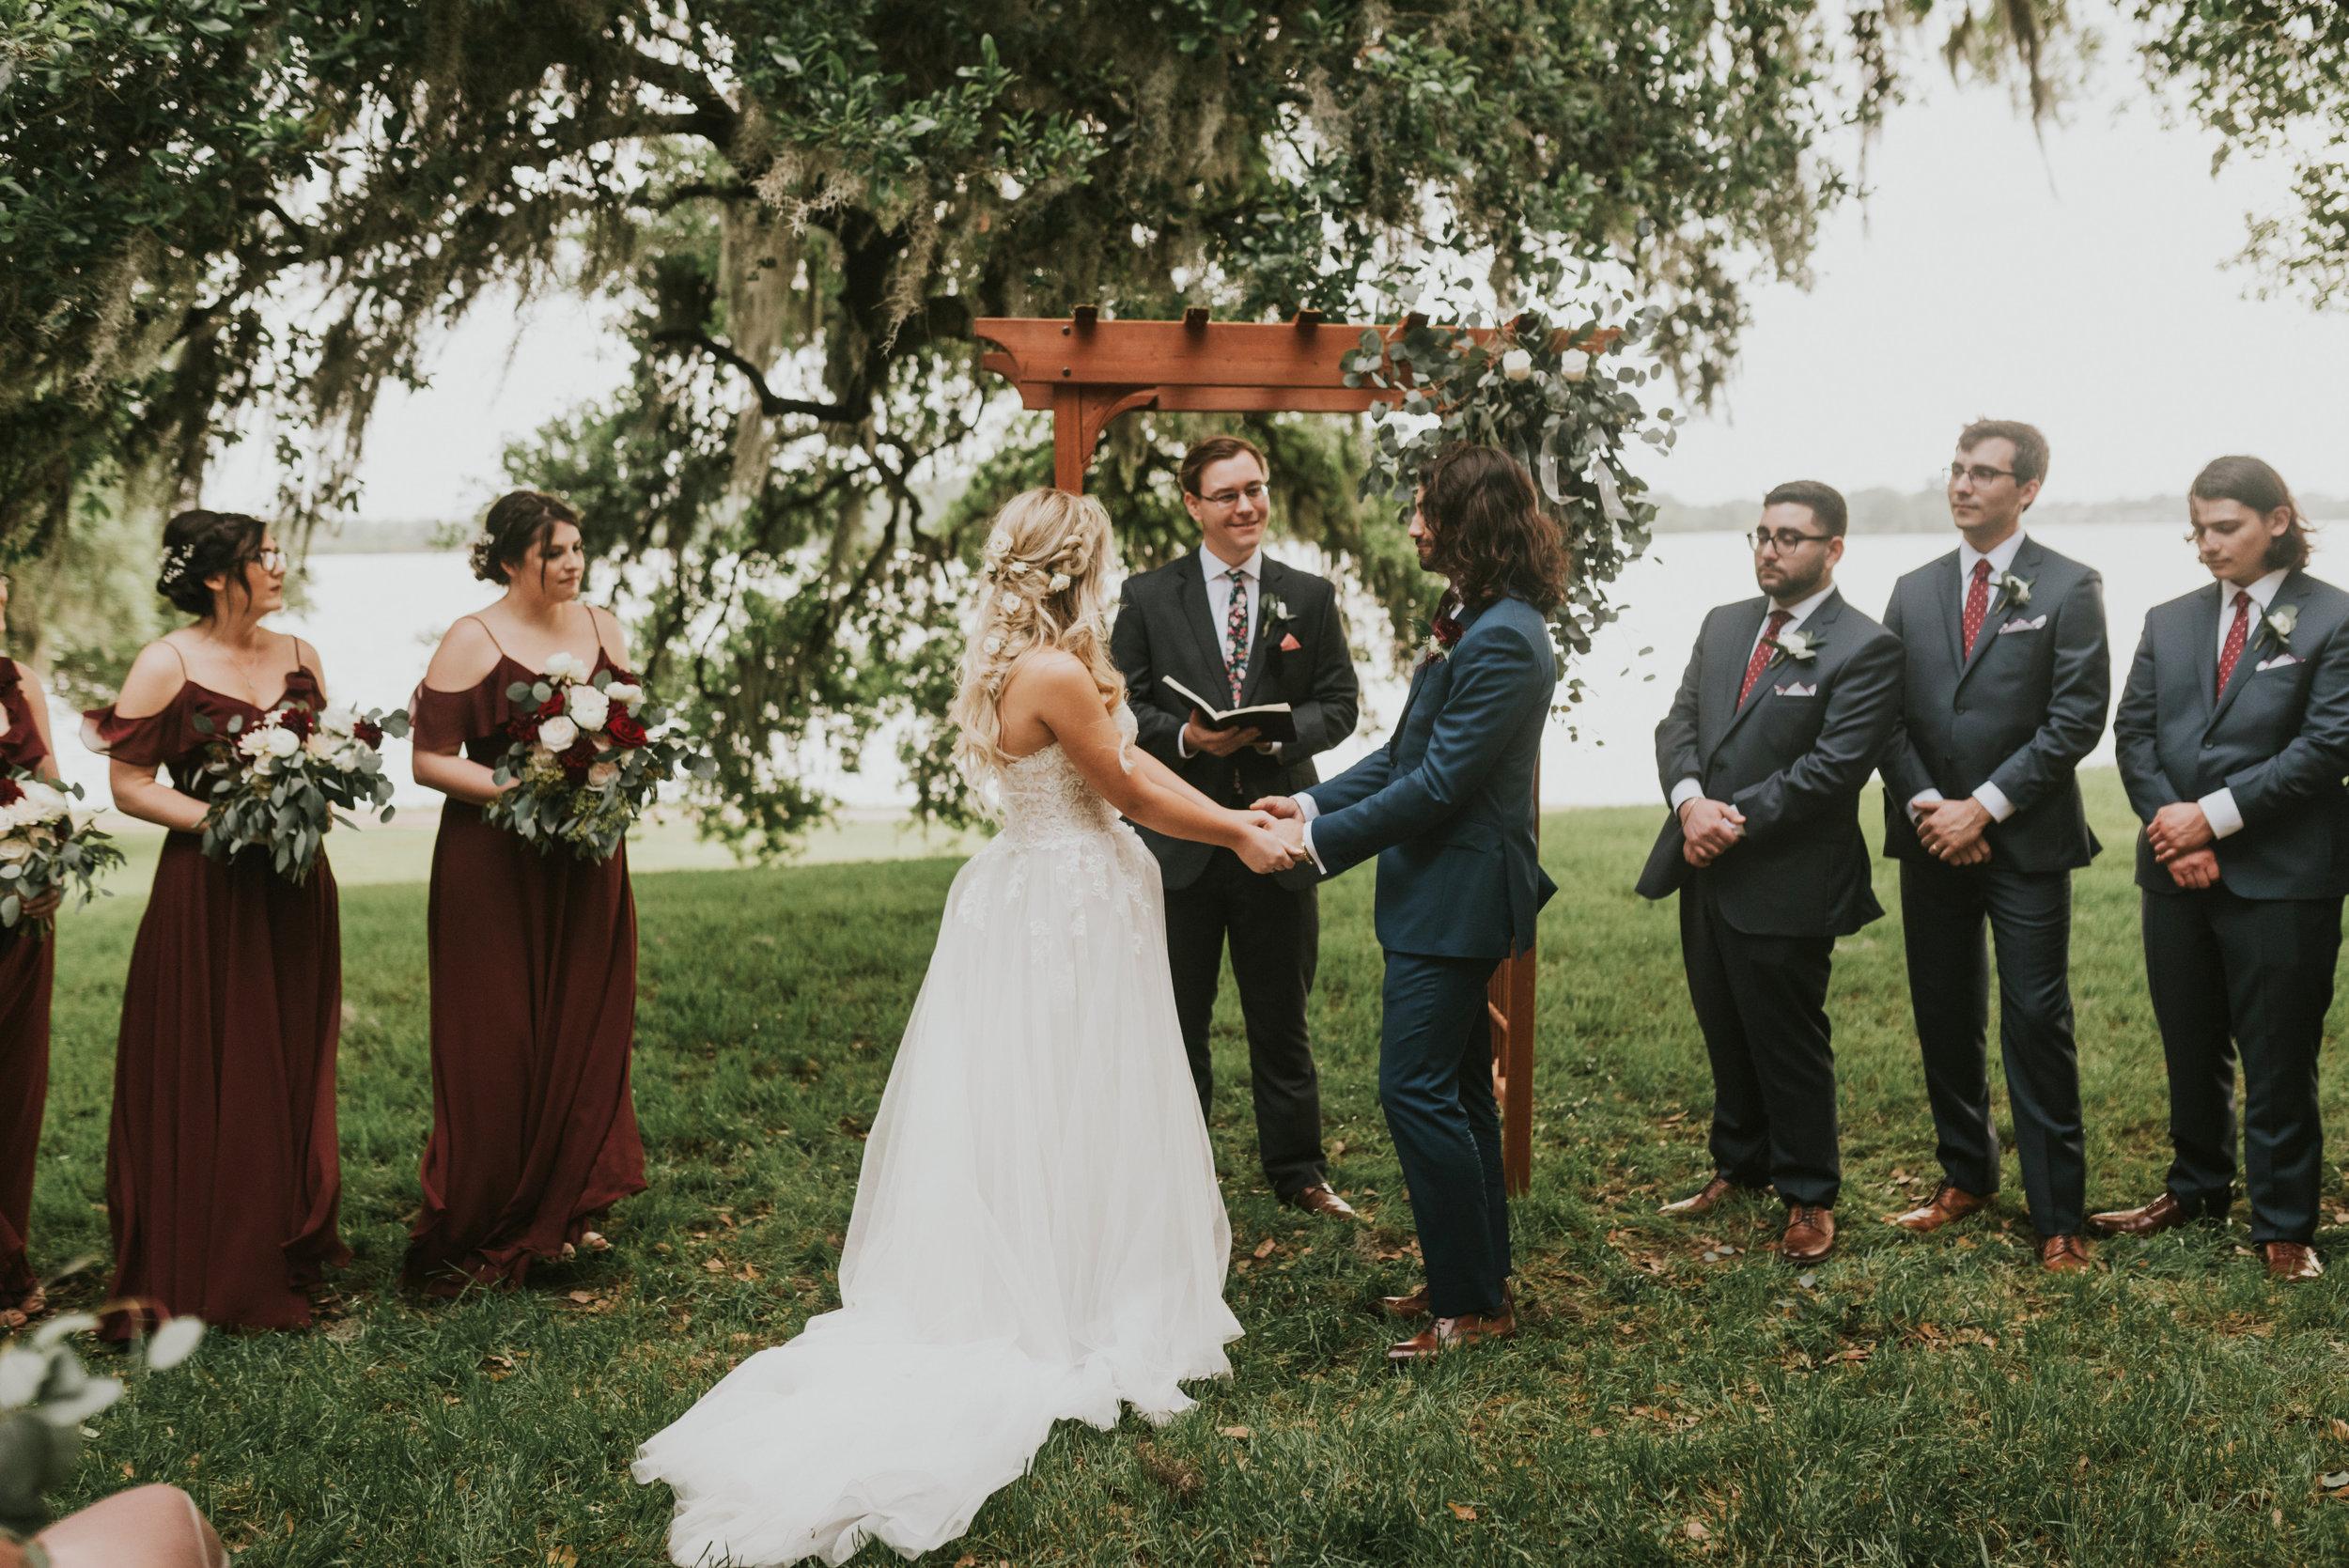 Southern Fete, Southern Wedding, Wedding Ceremony, Jen Menard Photo